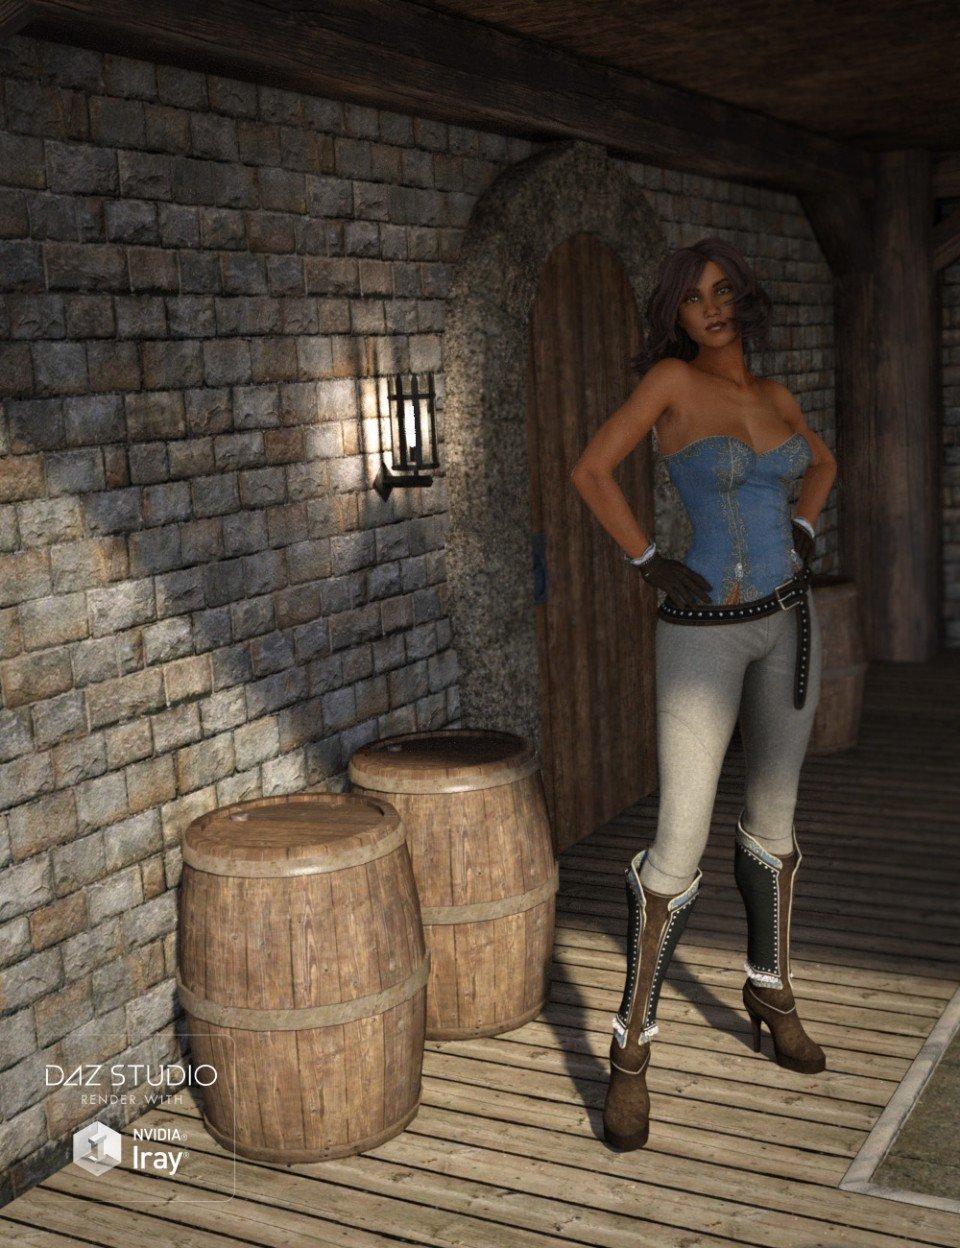 Fantasy Wine Cellar_DAZ3D下载站